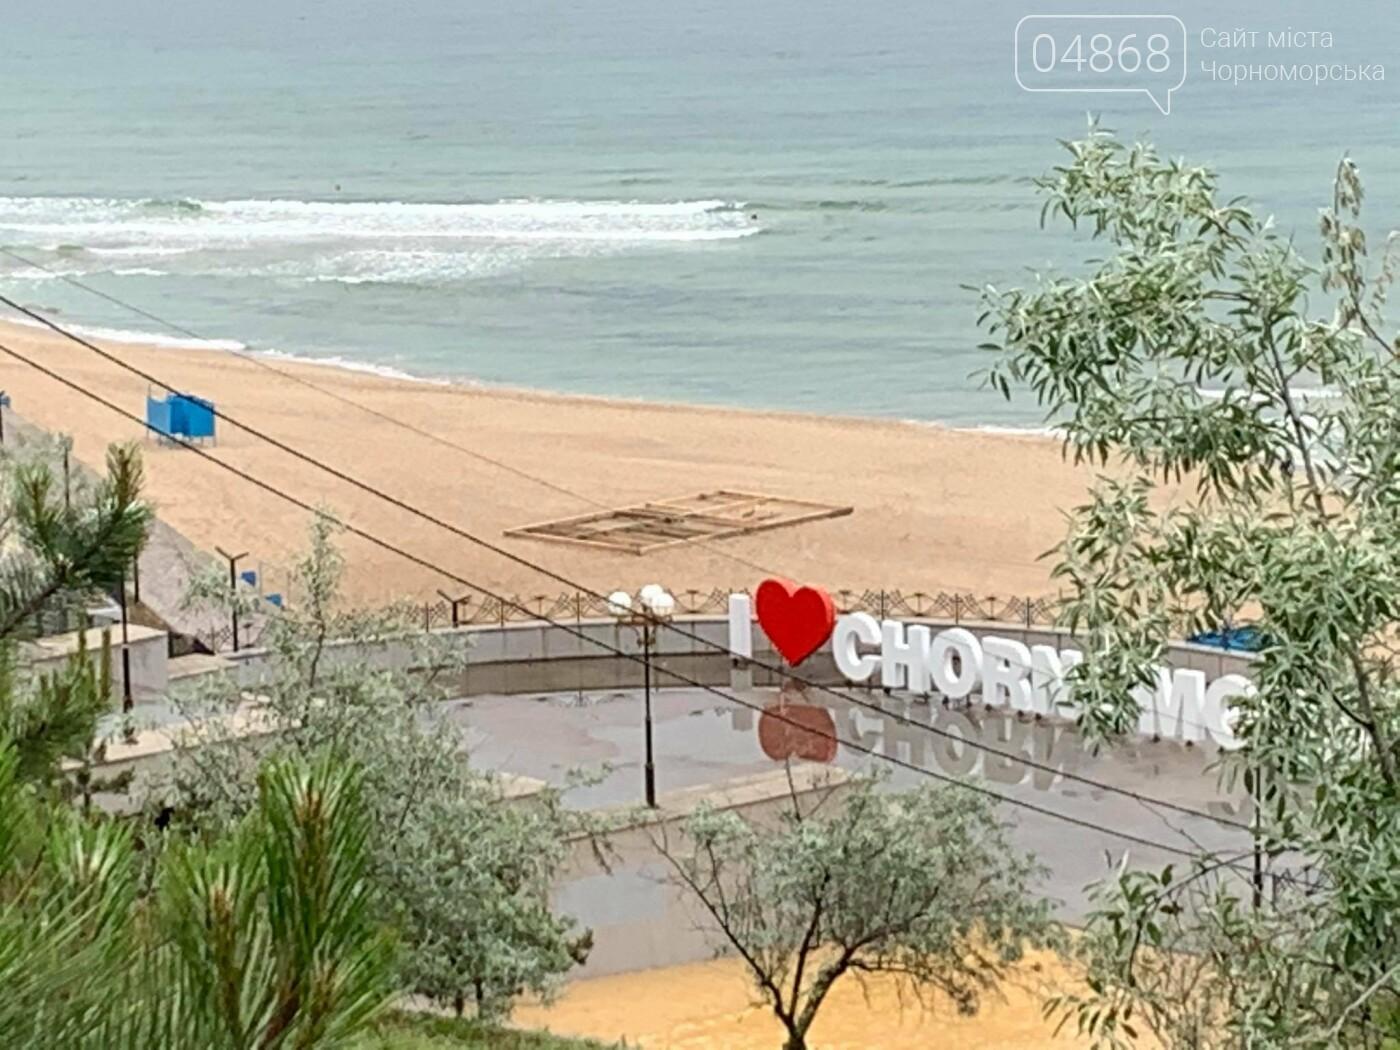 Непонятное сооружение на пляже Черноморска, фото-2